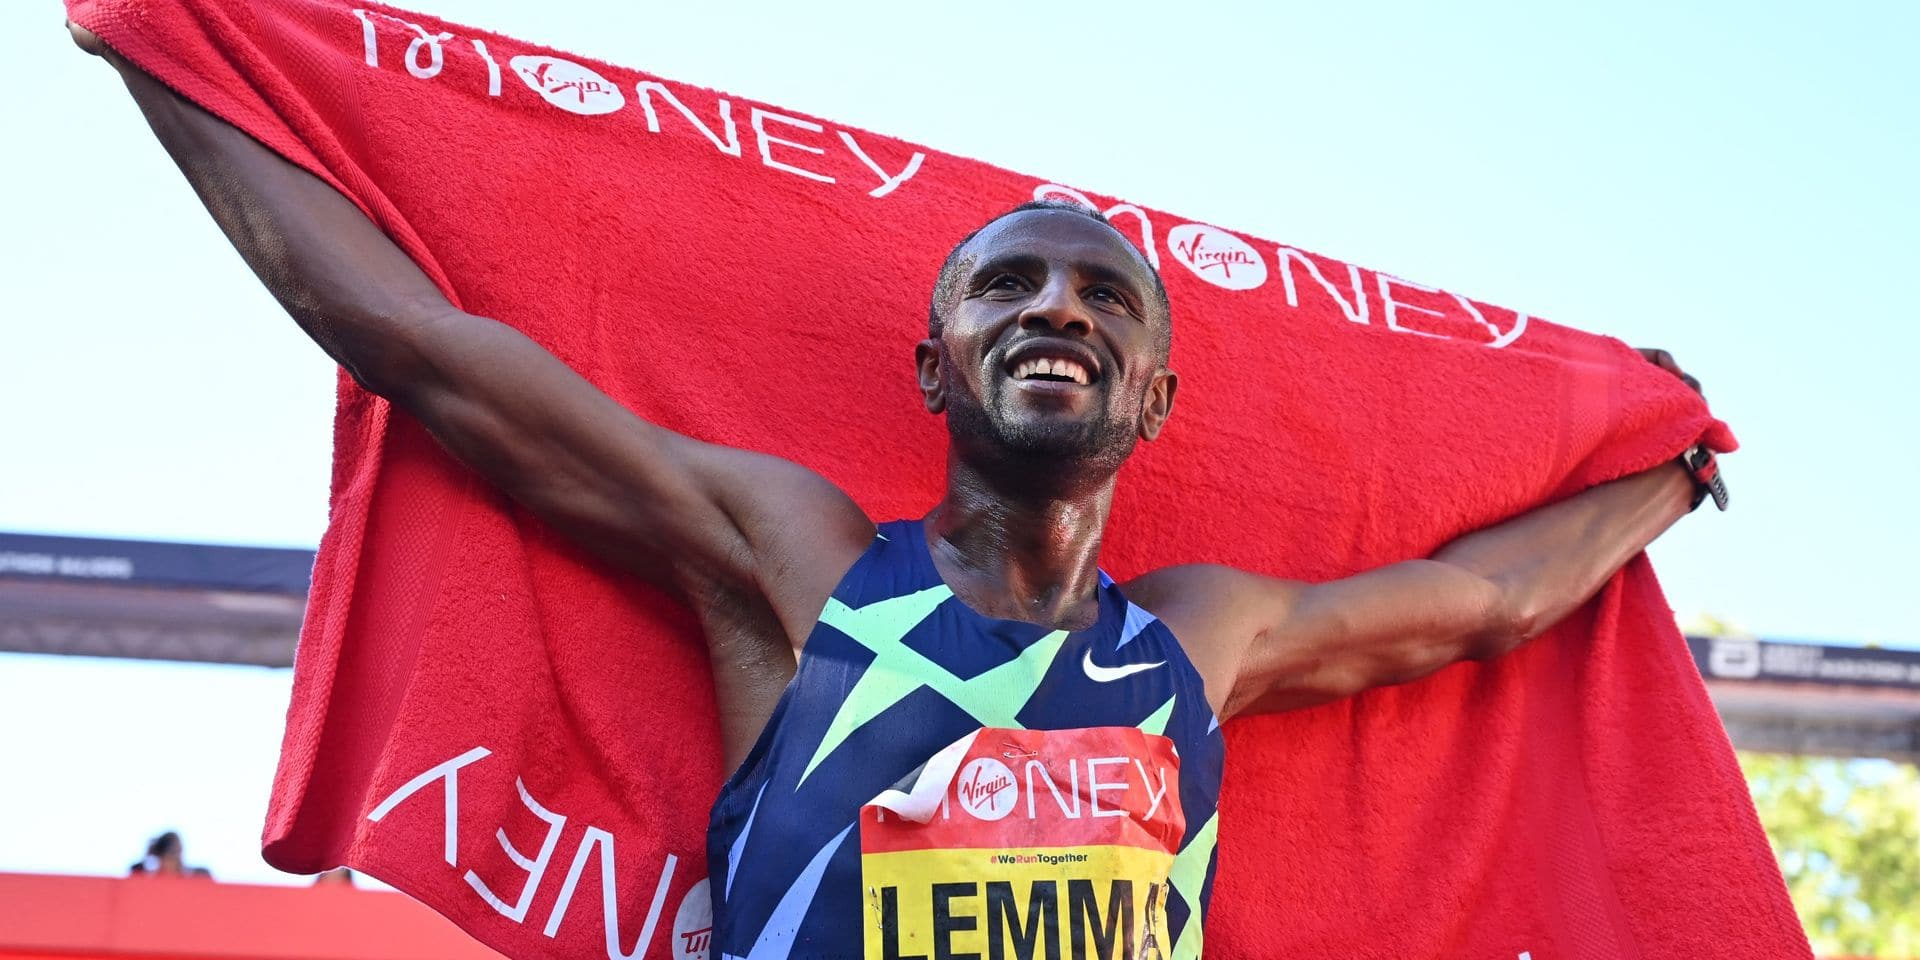 Pour deux secondes, le vainqueur du marathon de Londres passe à côté de 25 000 dollars